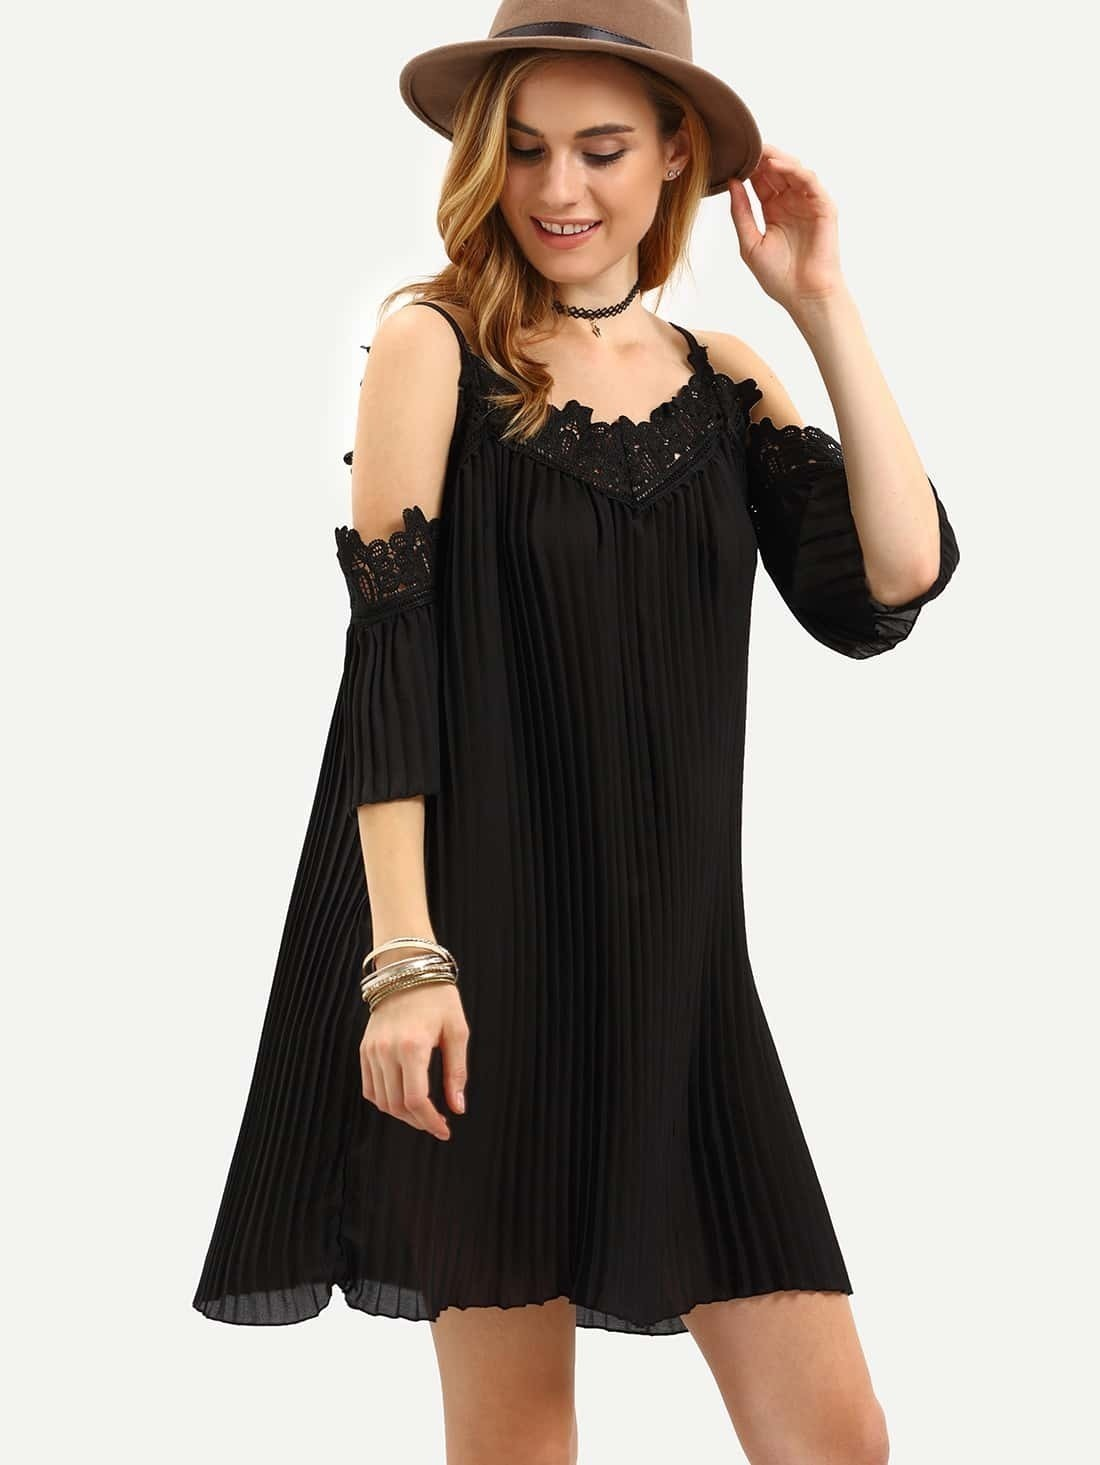 robe plissee epaule denudee noir french romwe With robe noir epaule dénudée